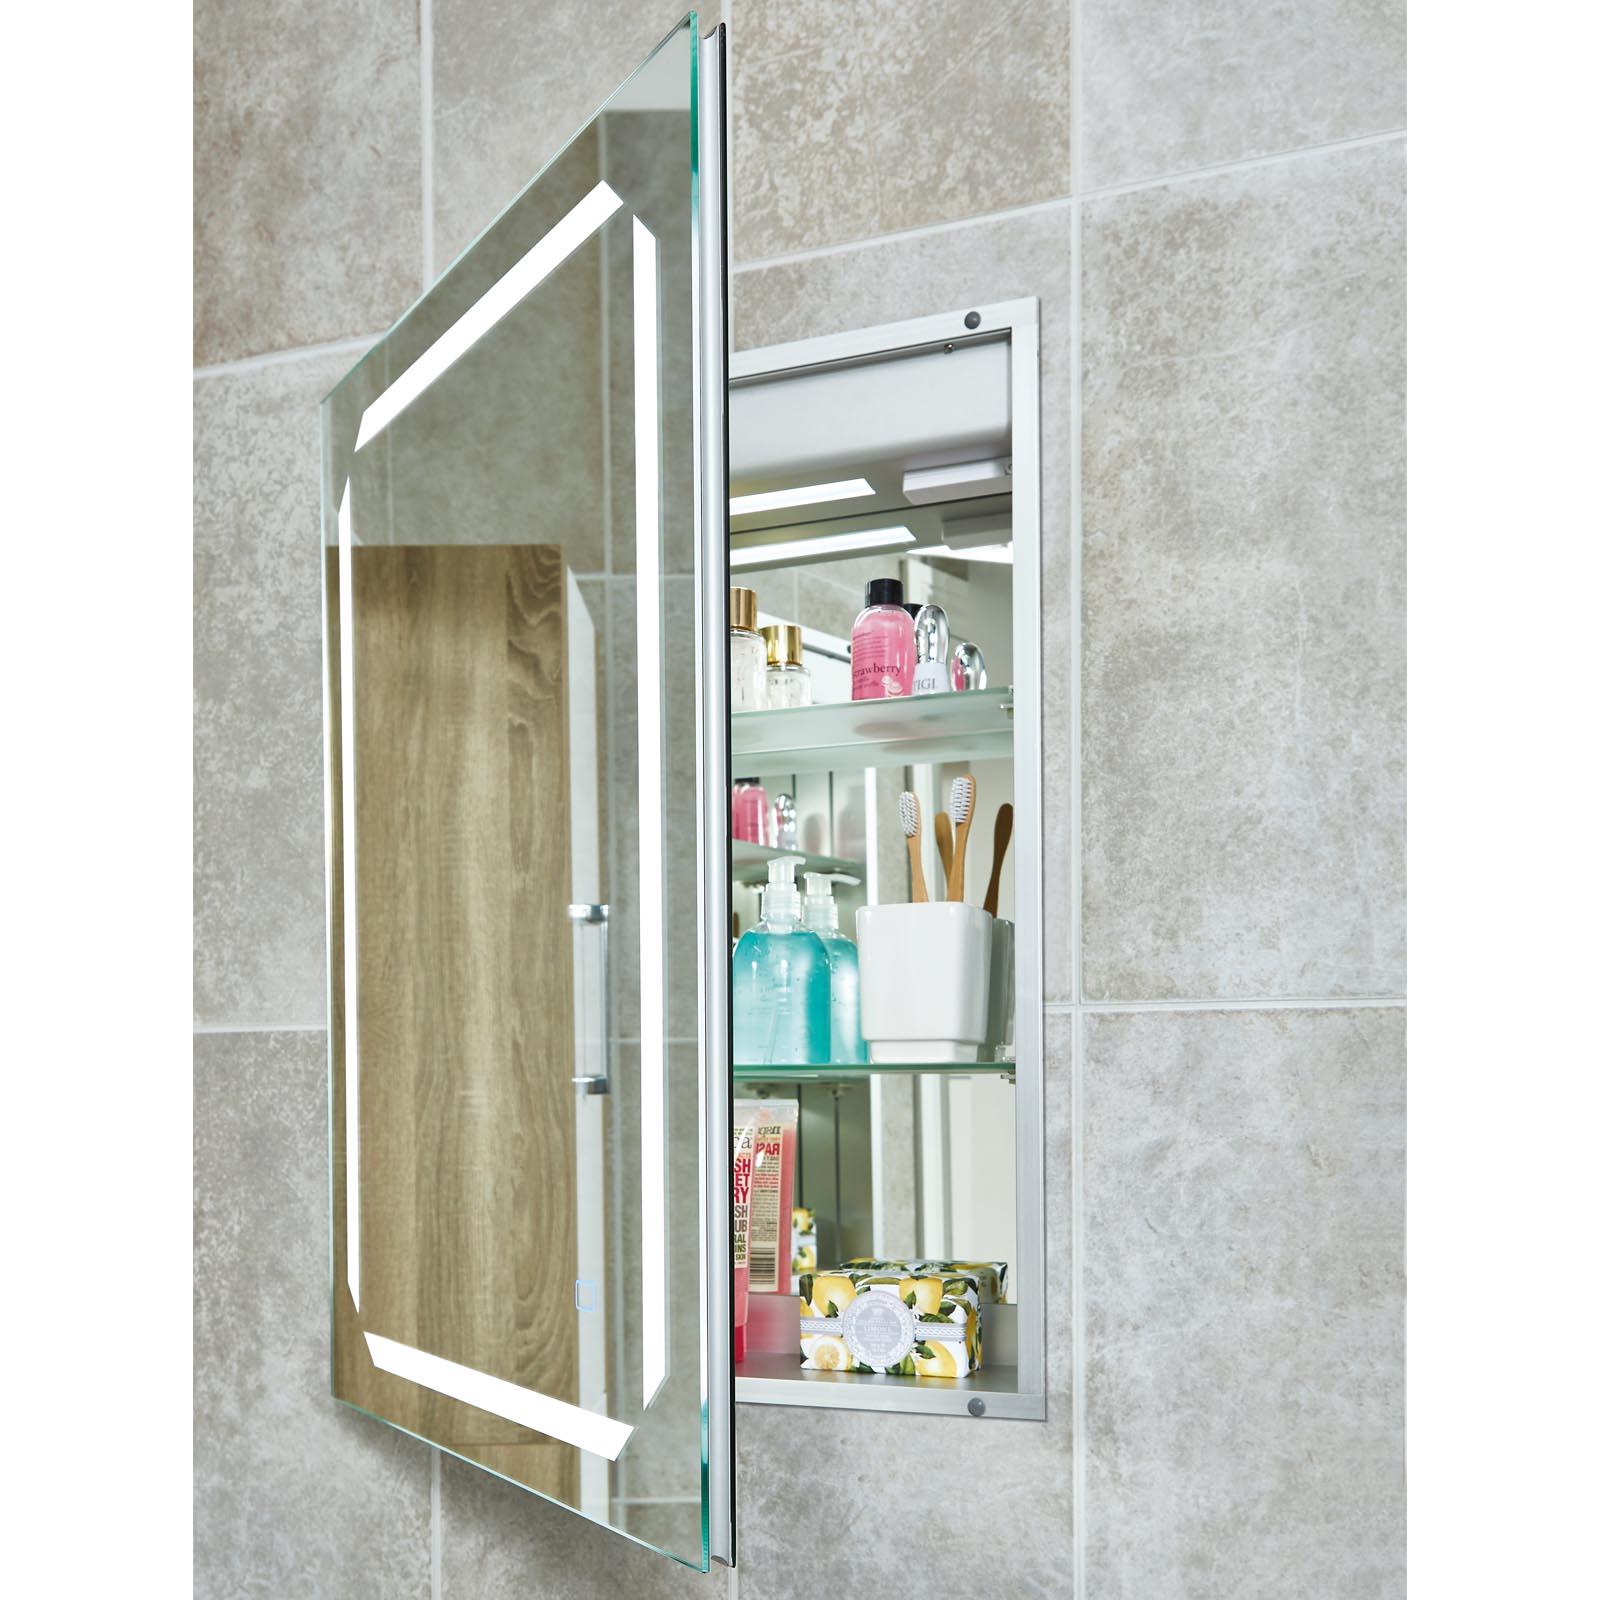 Phoenix Solarium Recessed Bathroom Cabinet With Lighting